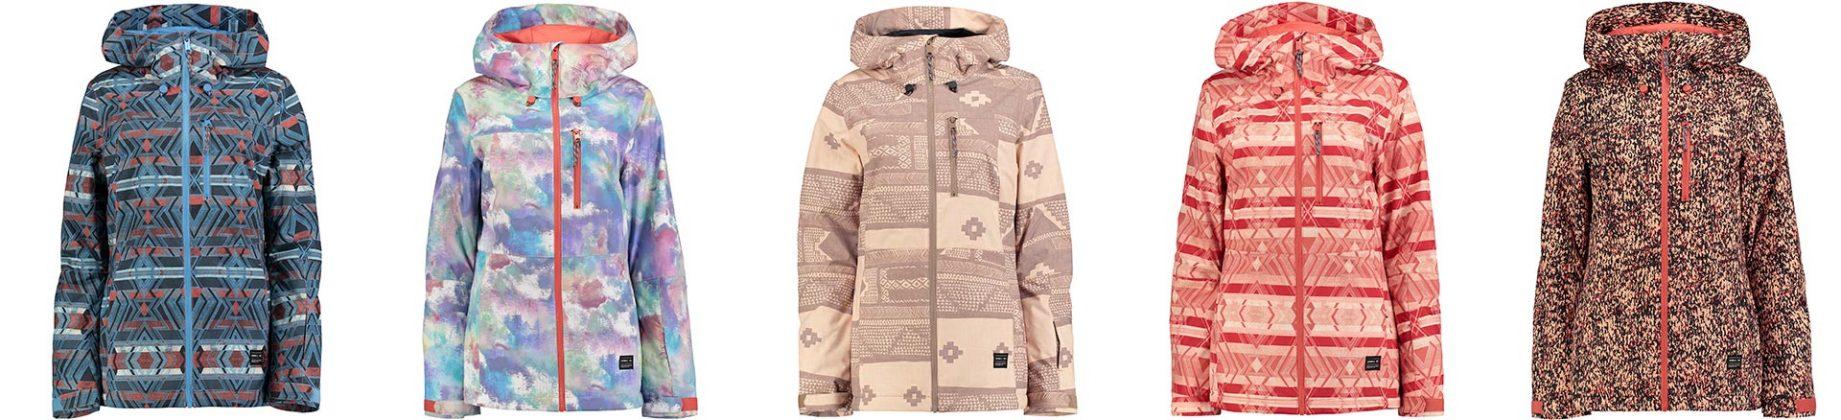 Raivac Jacket